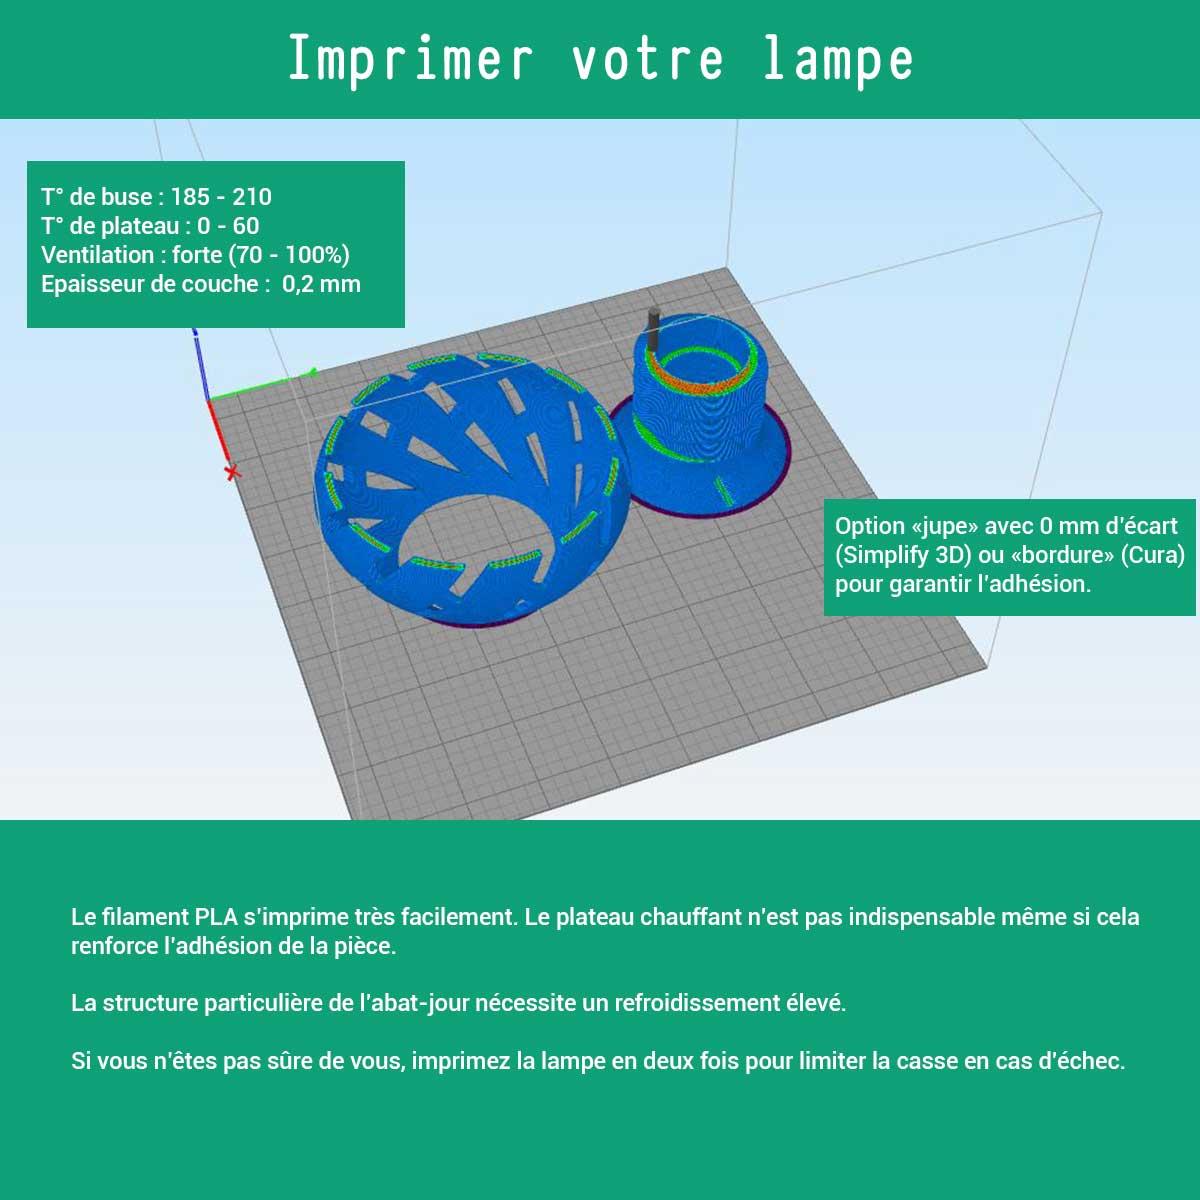 on vous explique comment imprimer en 3D votre lampe avec du filament PLA